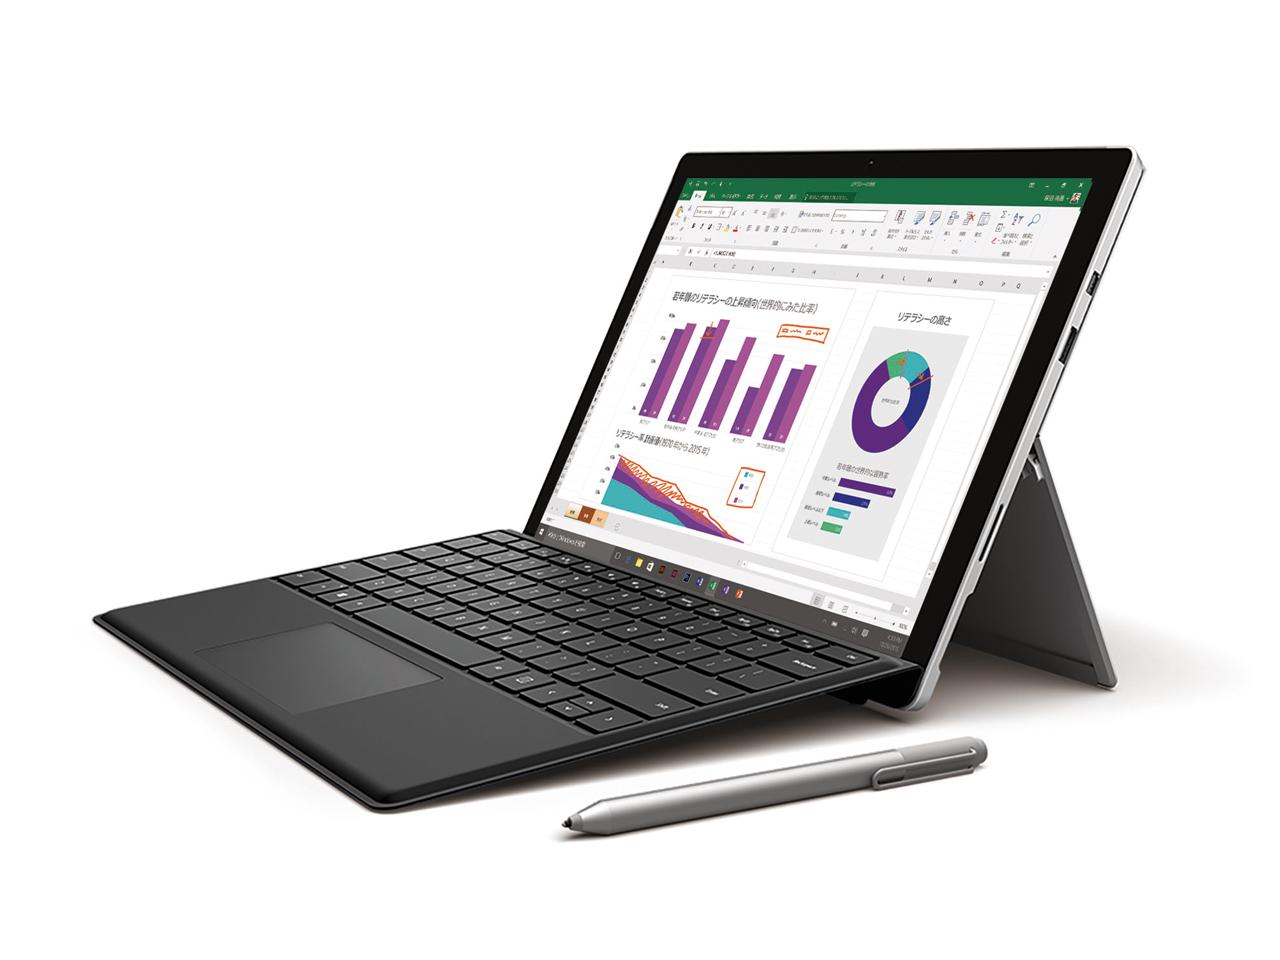 『本体 斜め』 Surface Pro 4 SU3-00014 の製品画像